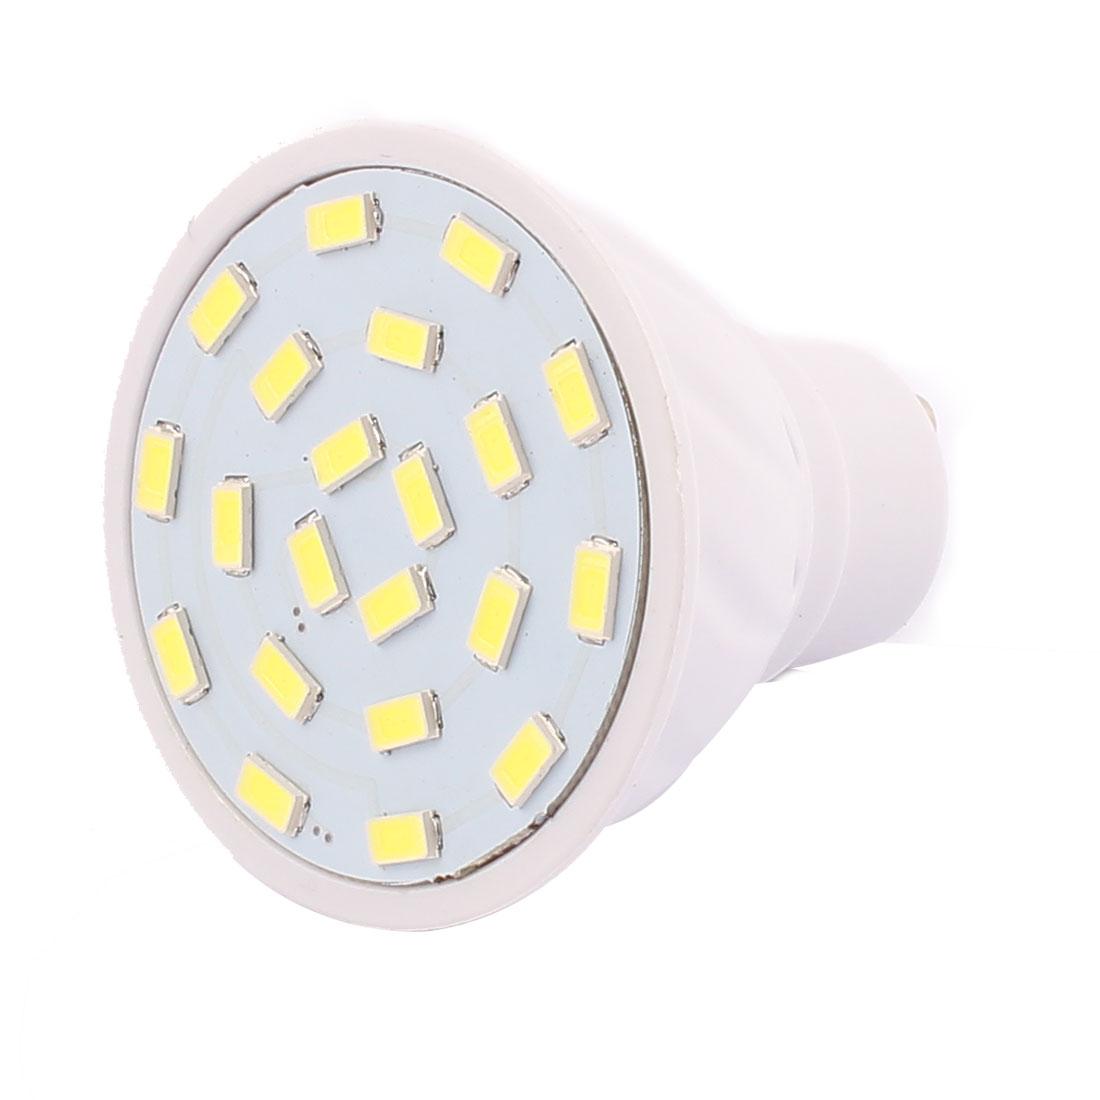 220V GU10 LED Light 3W 5730 SMD 21 LEDs Spotlight Down Lamp Bulb Cool White